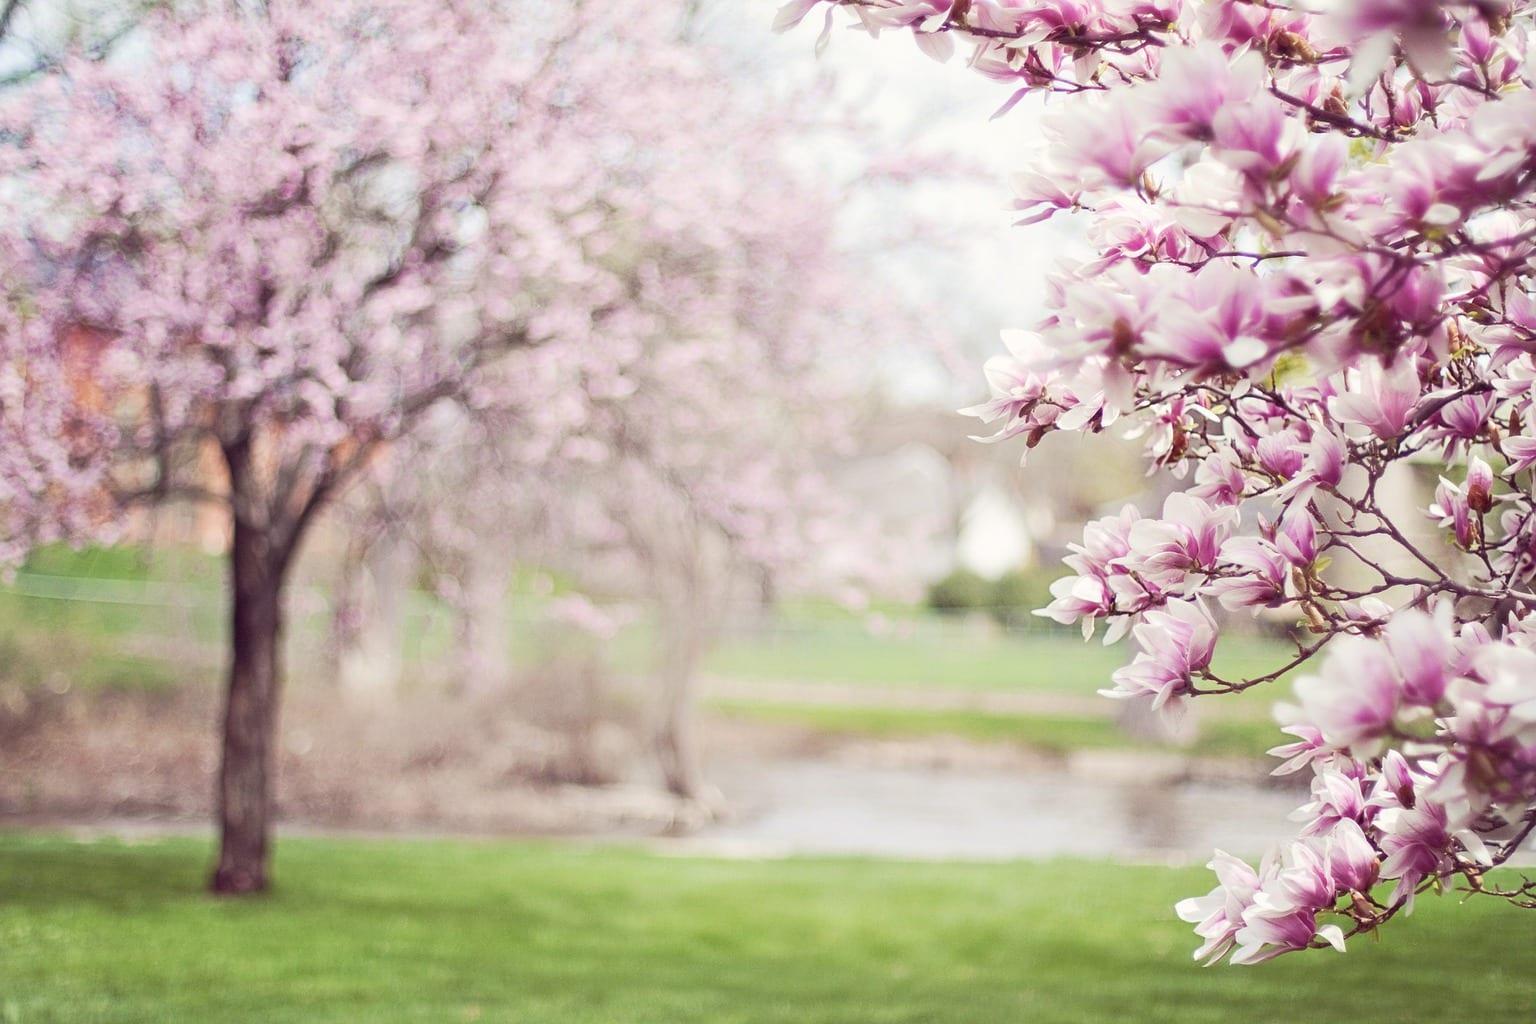 La belleza del árbol en flor